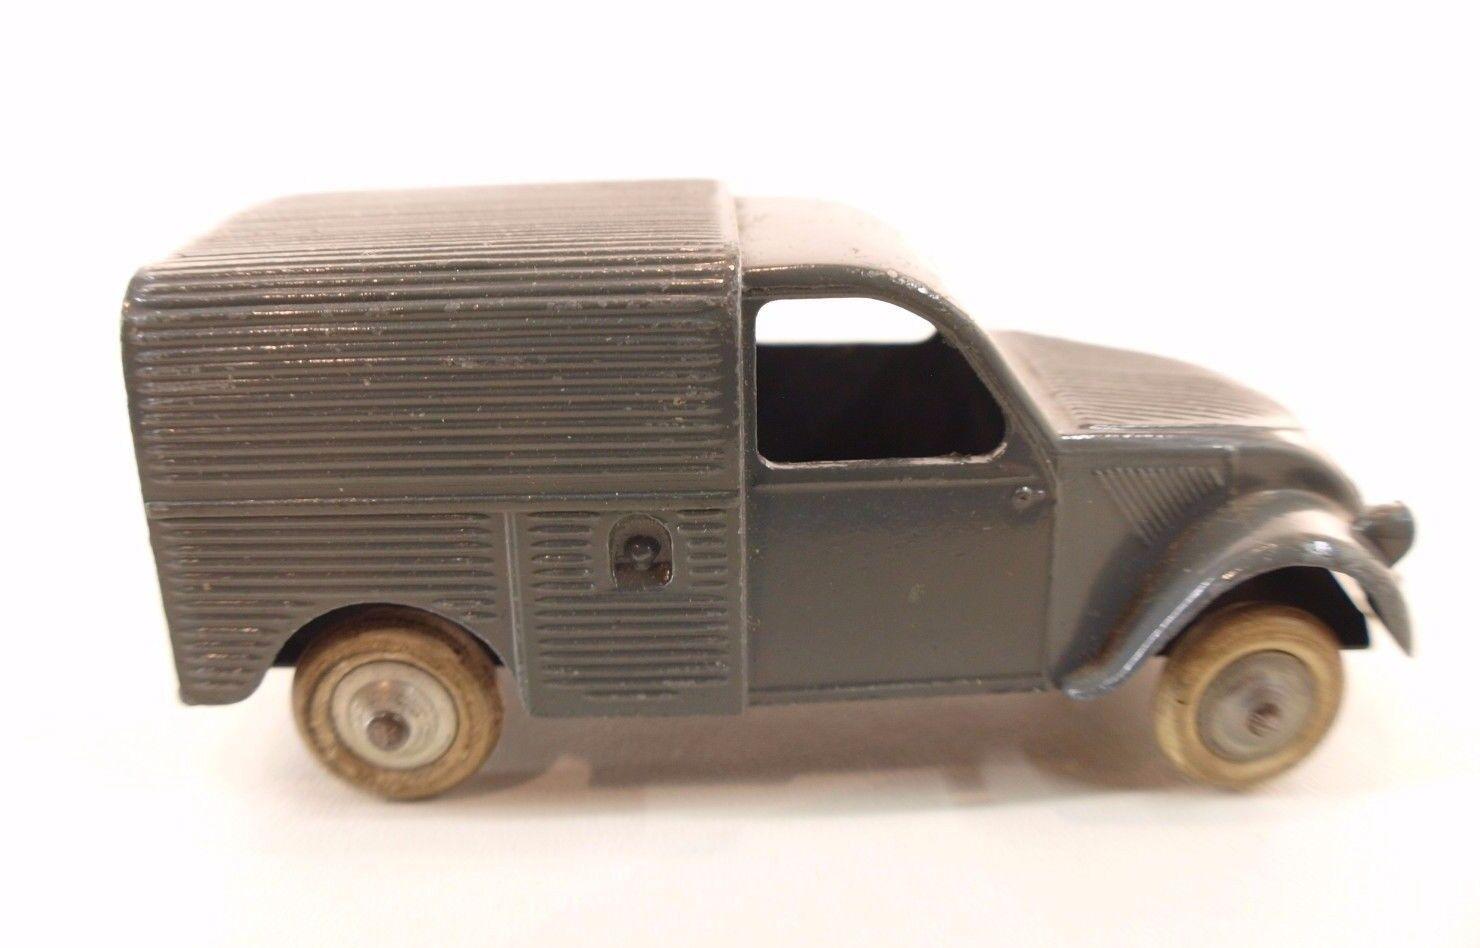 JRD 2 F n° 111 Citroën 2 JRD CV camionnette version peu fréquente 562bcb